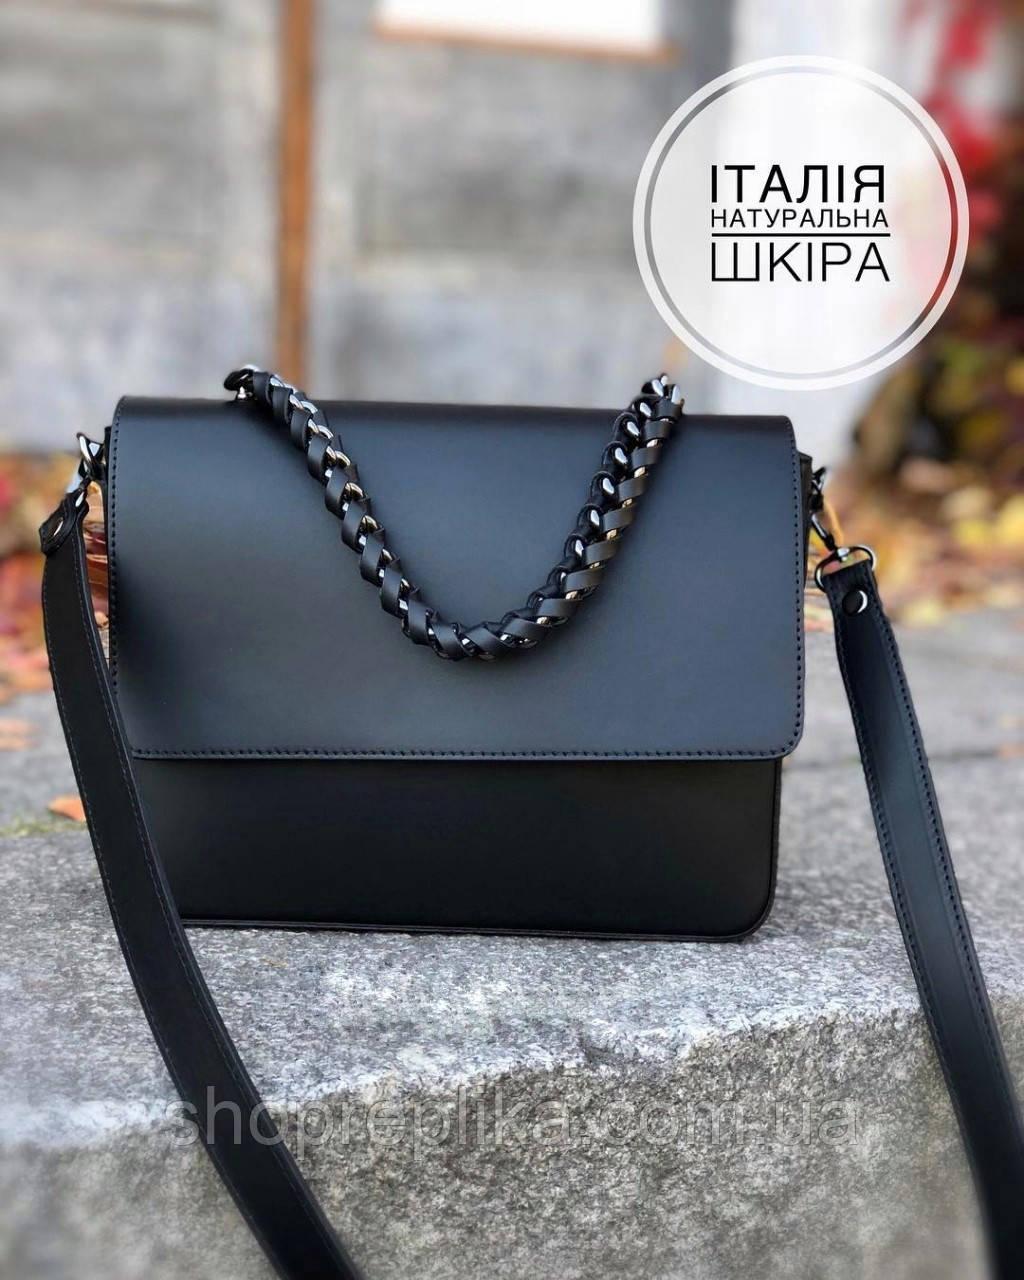 Женские сумки из кожи Италия Вера Пелле  Итальянская сумка через плечо кроссбоди  df265f3